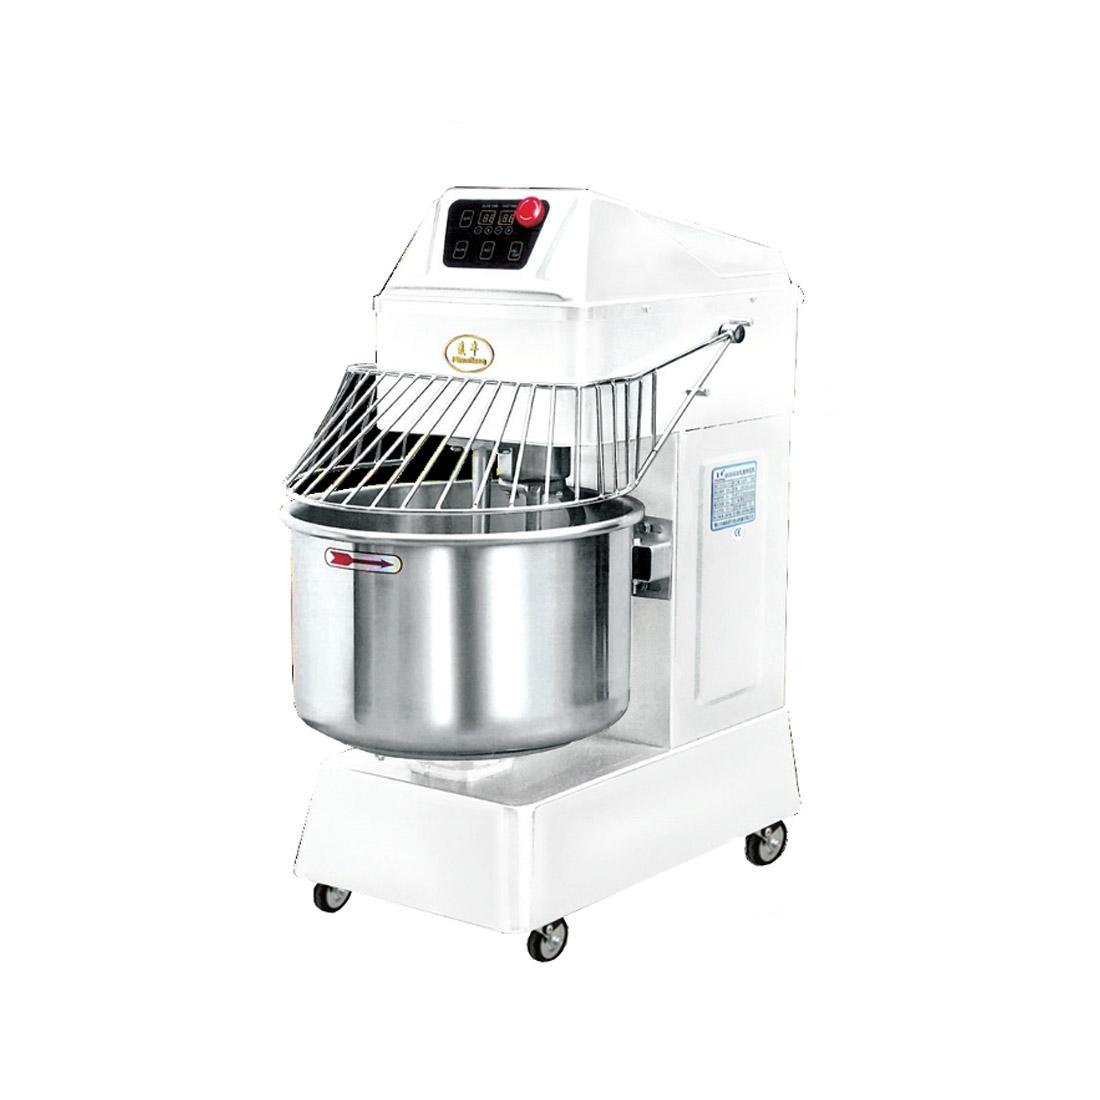 Spiral mixer single phase 200t bowl 75kg flour - FS200A